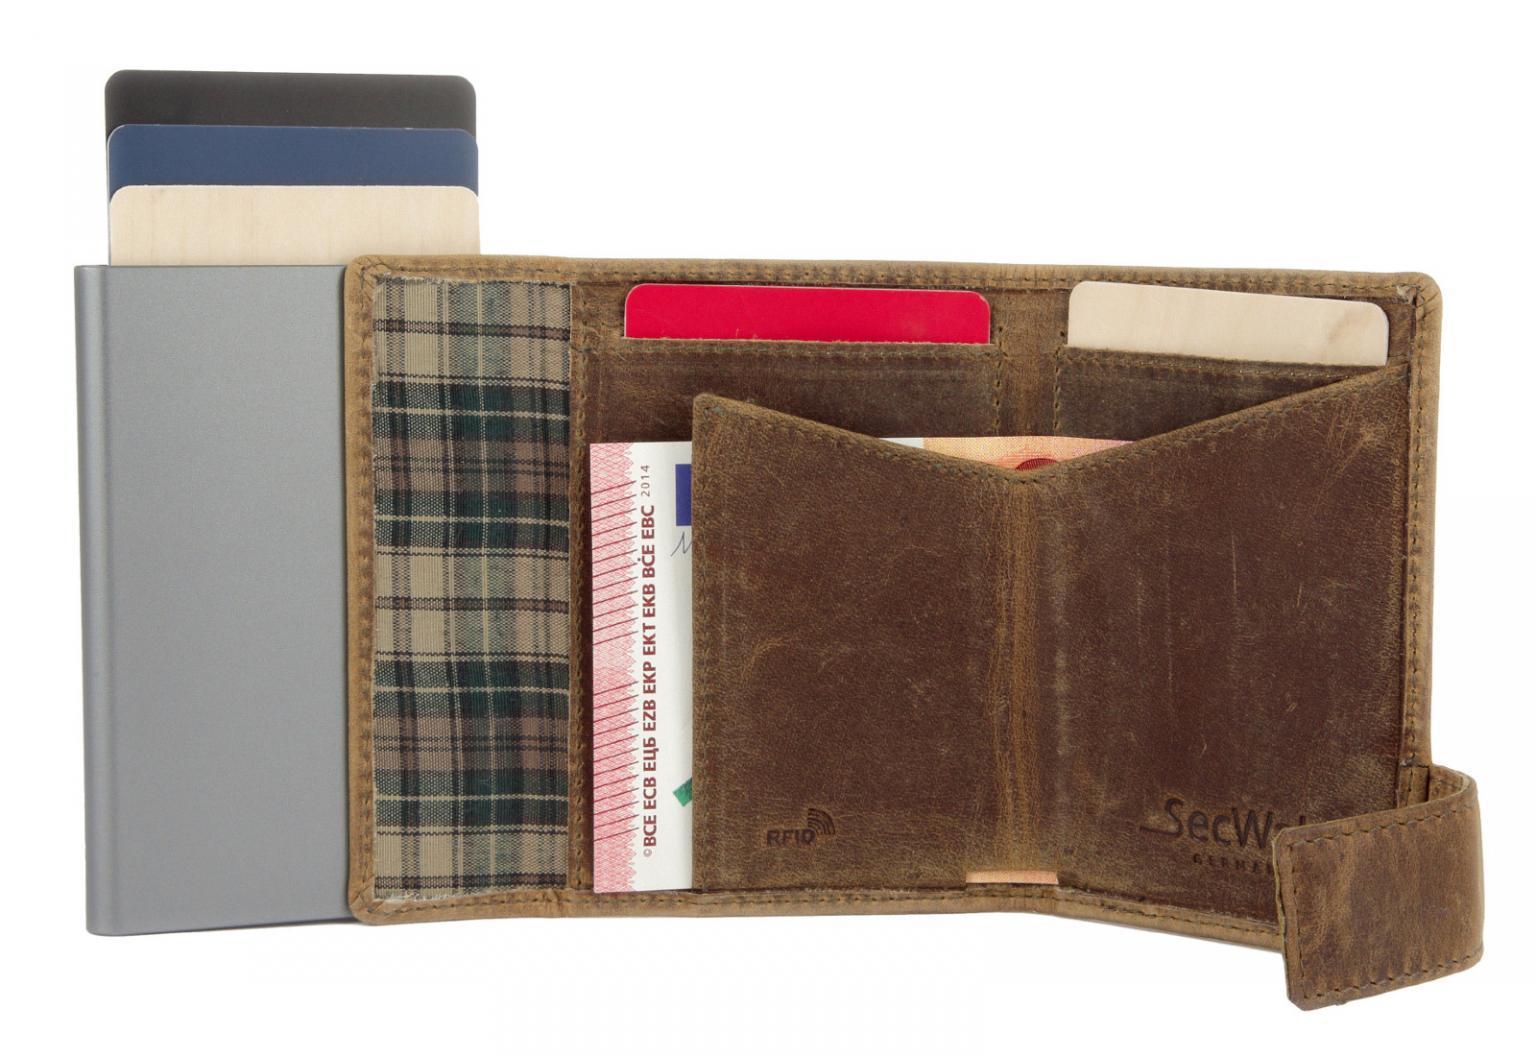 SecWal Lederbörse Kartenetui Vintage braun